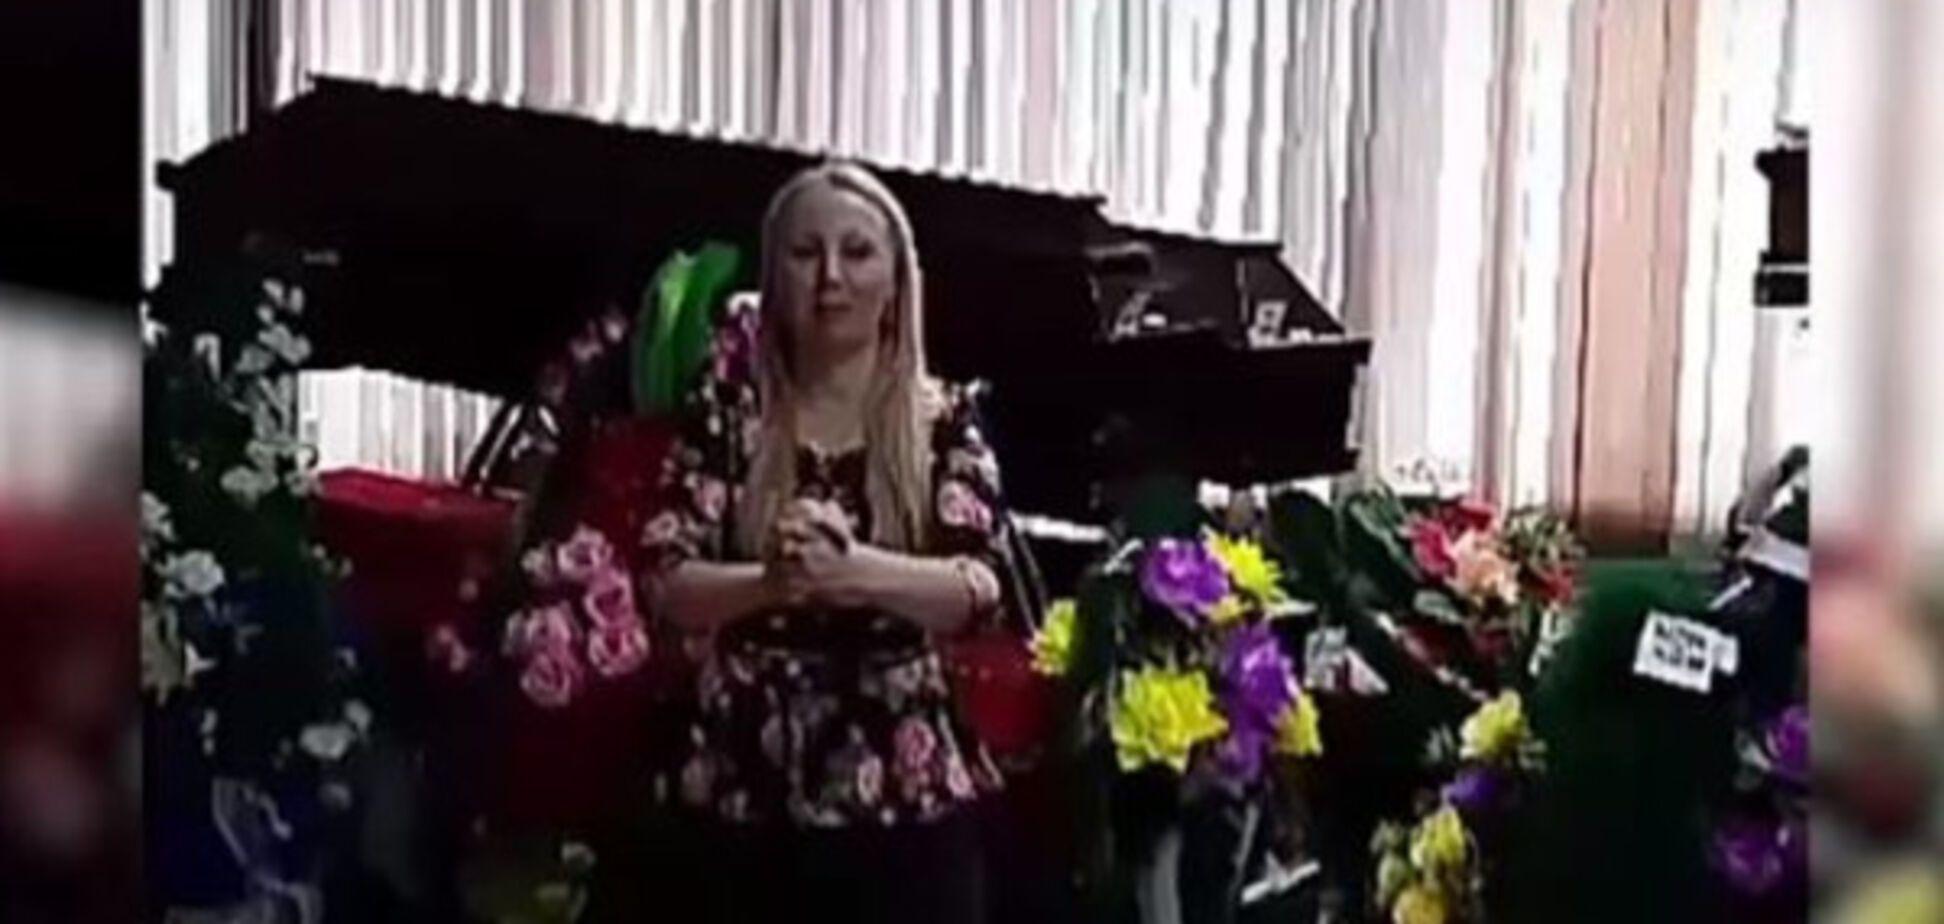 'Горижоп': российская чиновница шокировала весёлым роликом с тренировки на фоне гробов - опубликовано видео